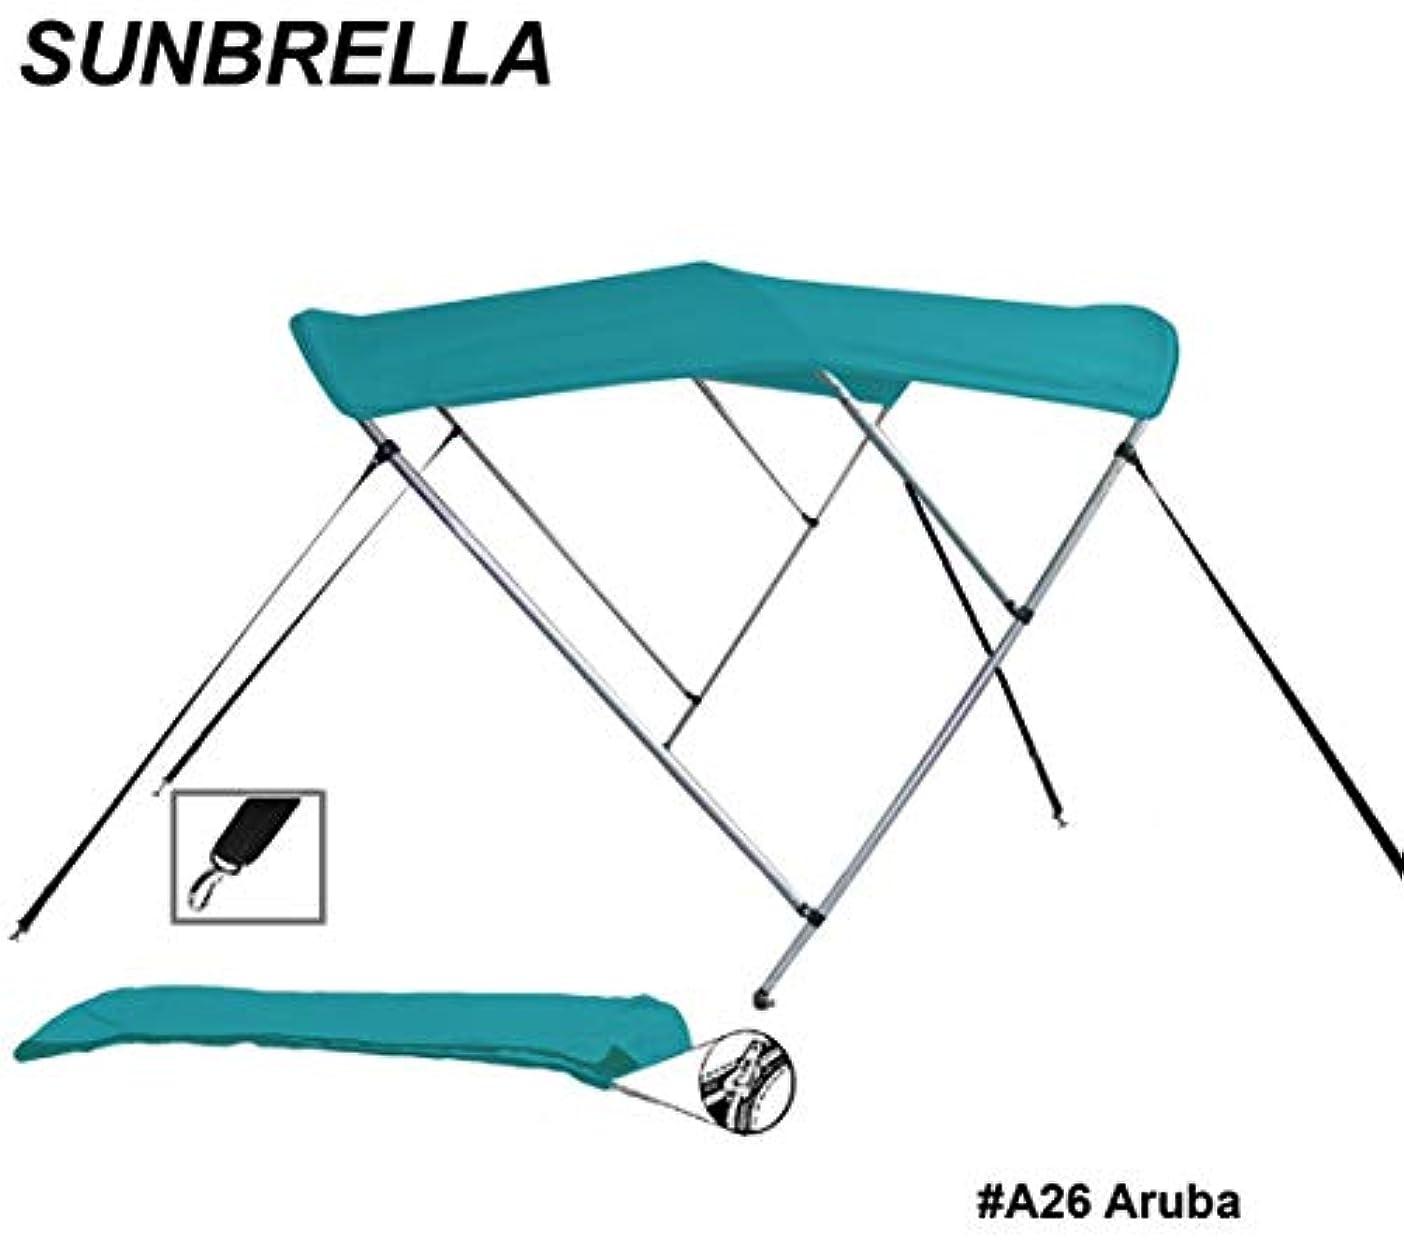 蜜こねるバレーボールラウンドチューブ 3ボウ ボート ビミニトップ サンシェード トップ 幅85~90インチ×高さ30インチ×長さ5フィート サンブレラ アクリル アルミフレーム